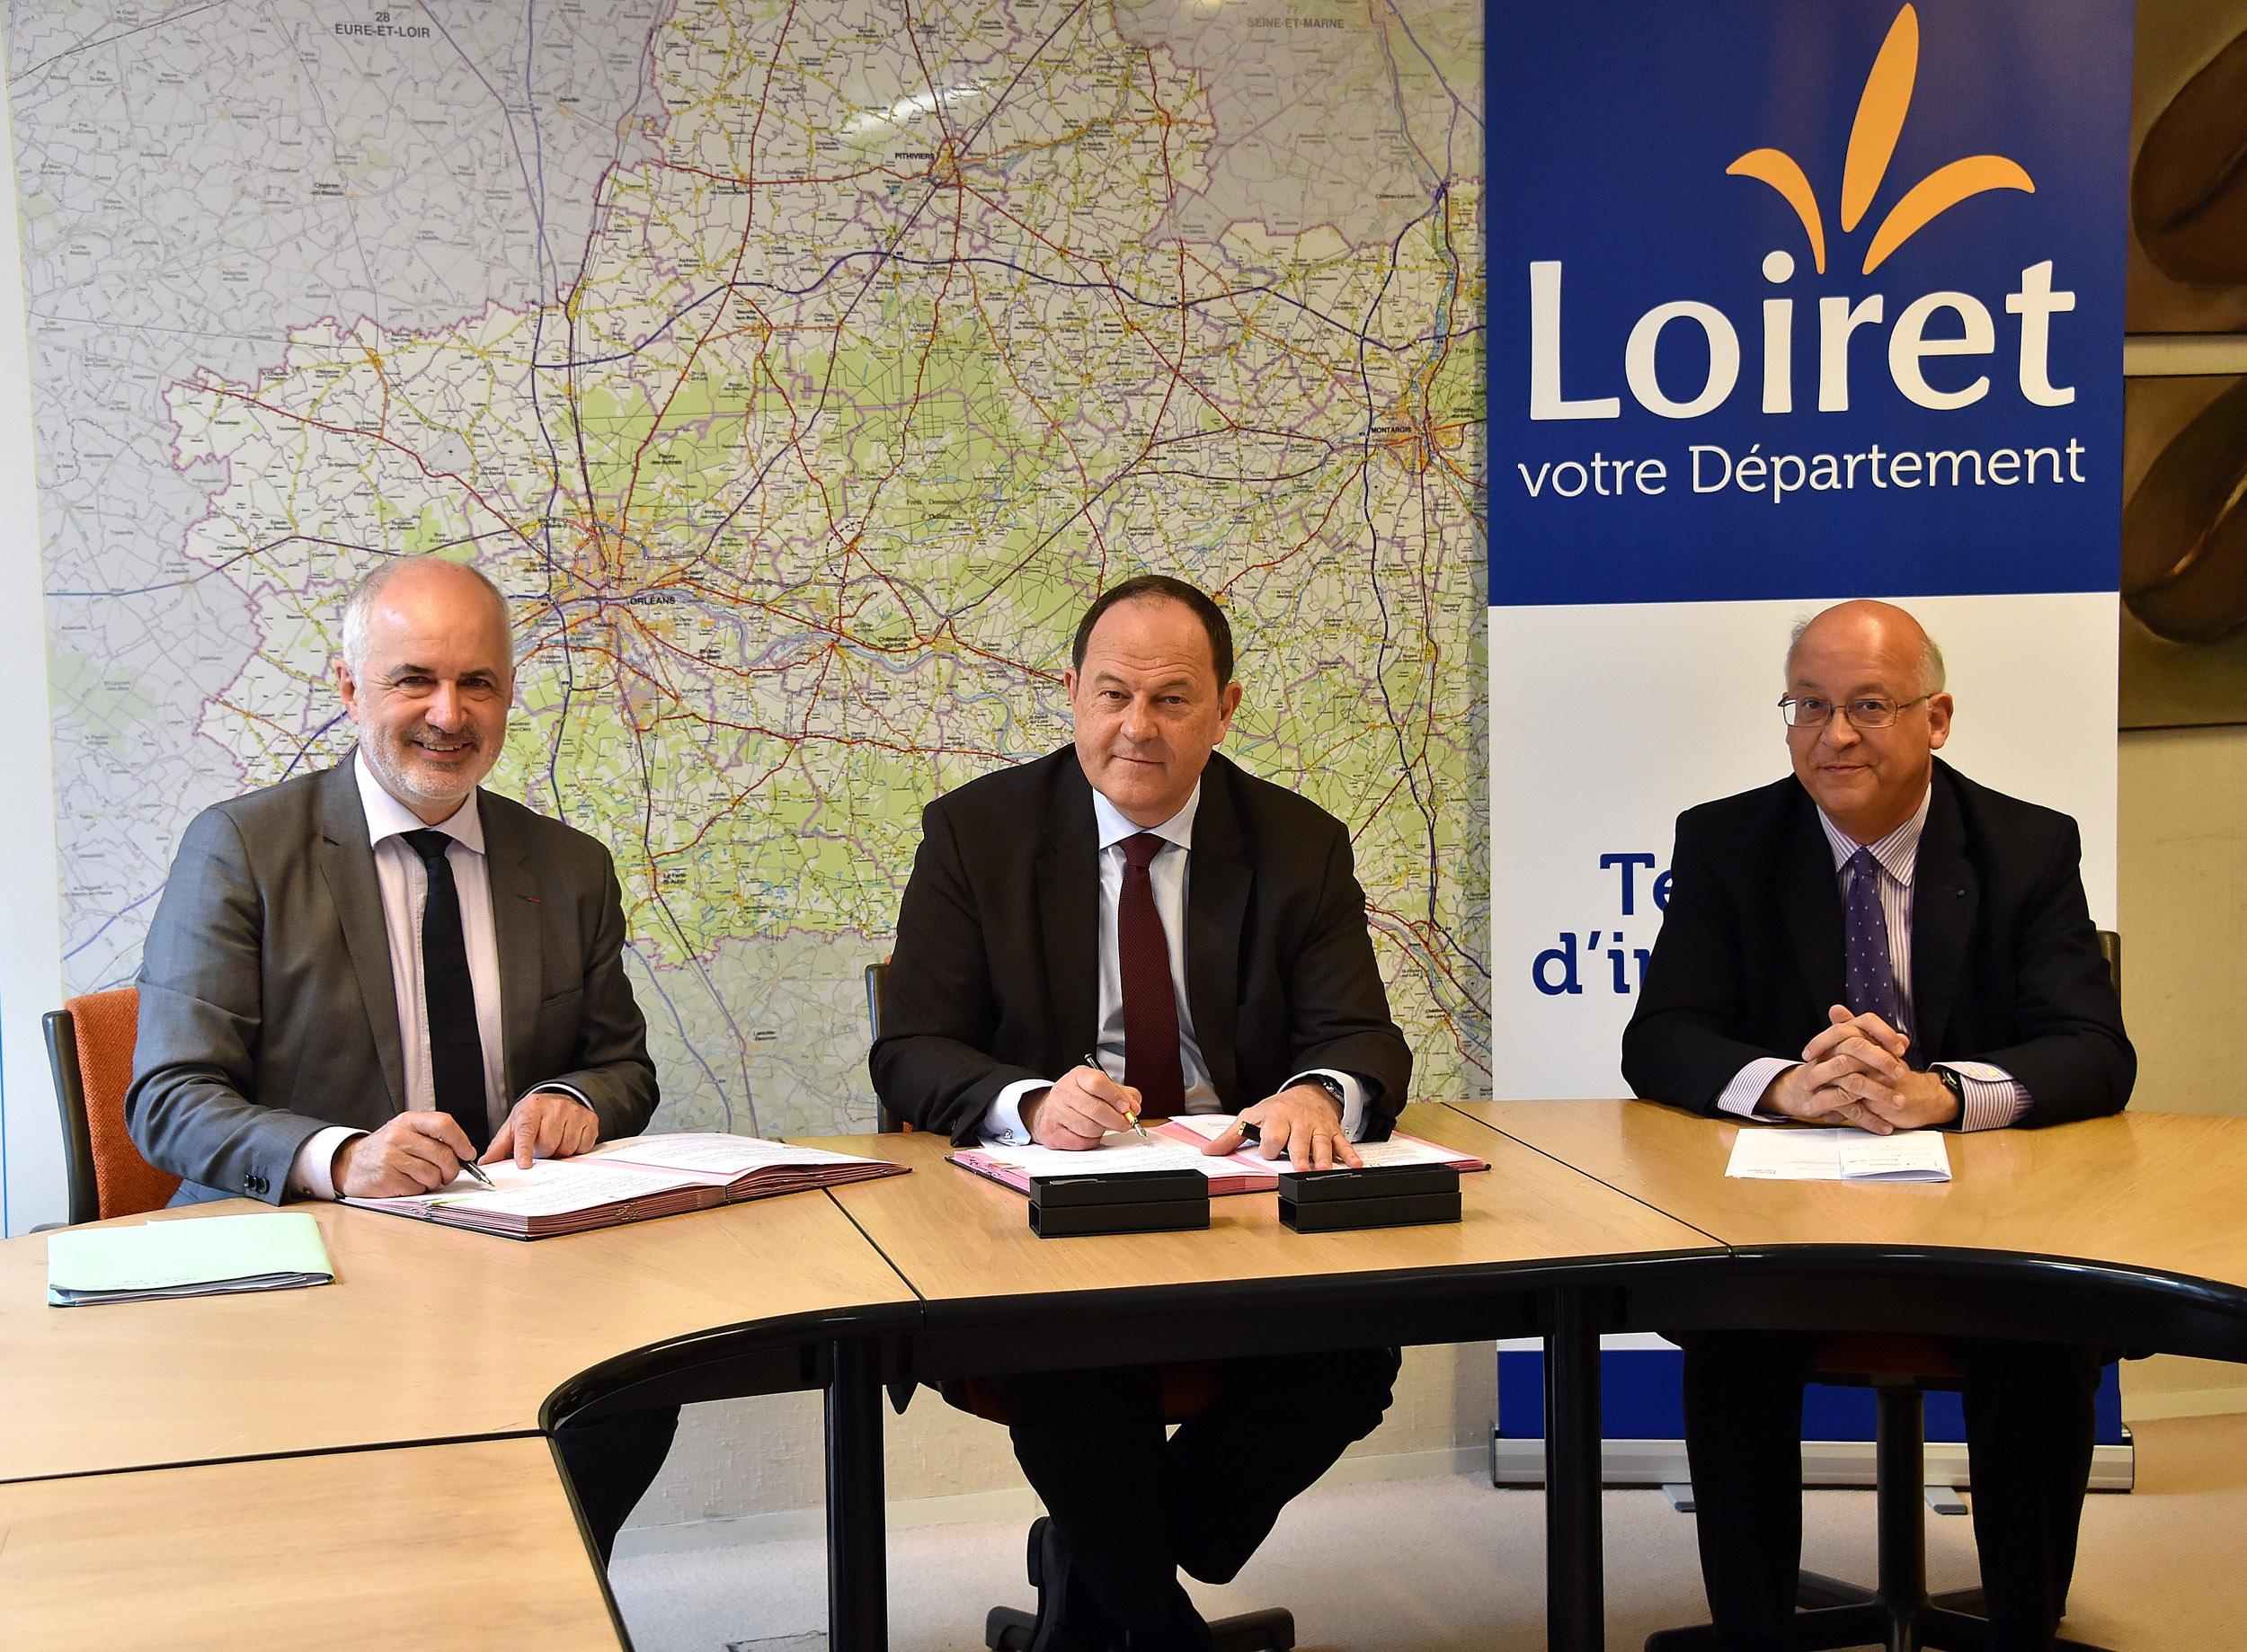 l'Inrap et le Département du Loiret réaffirment leurs objectifs communs